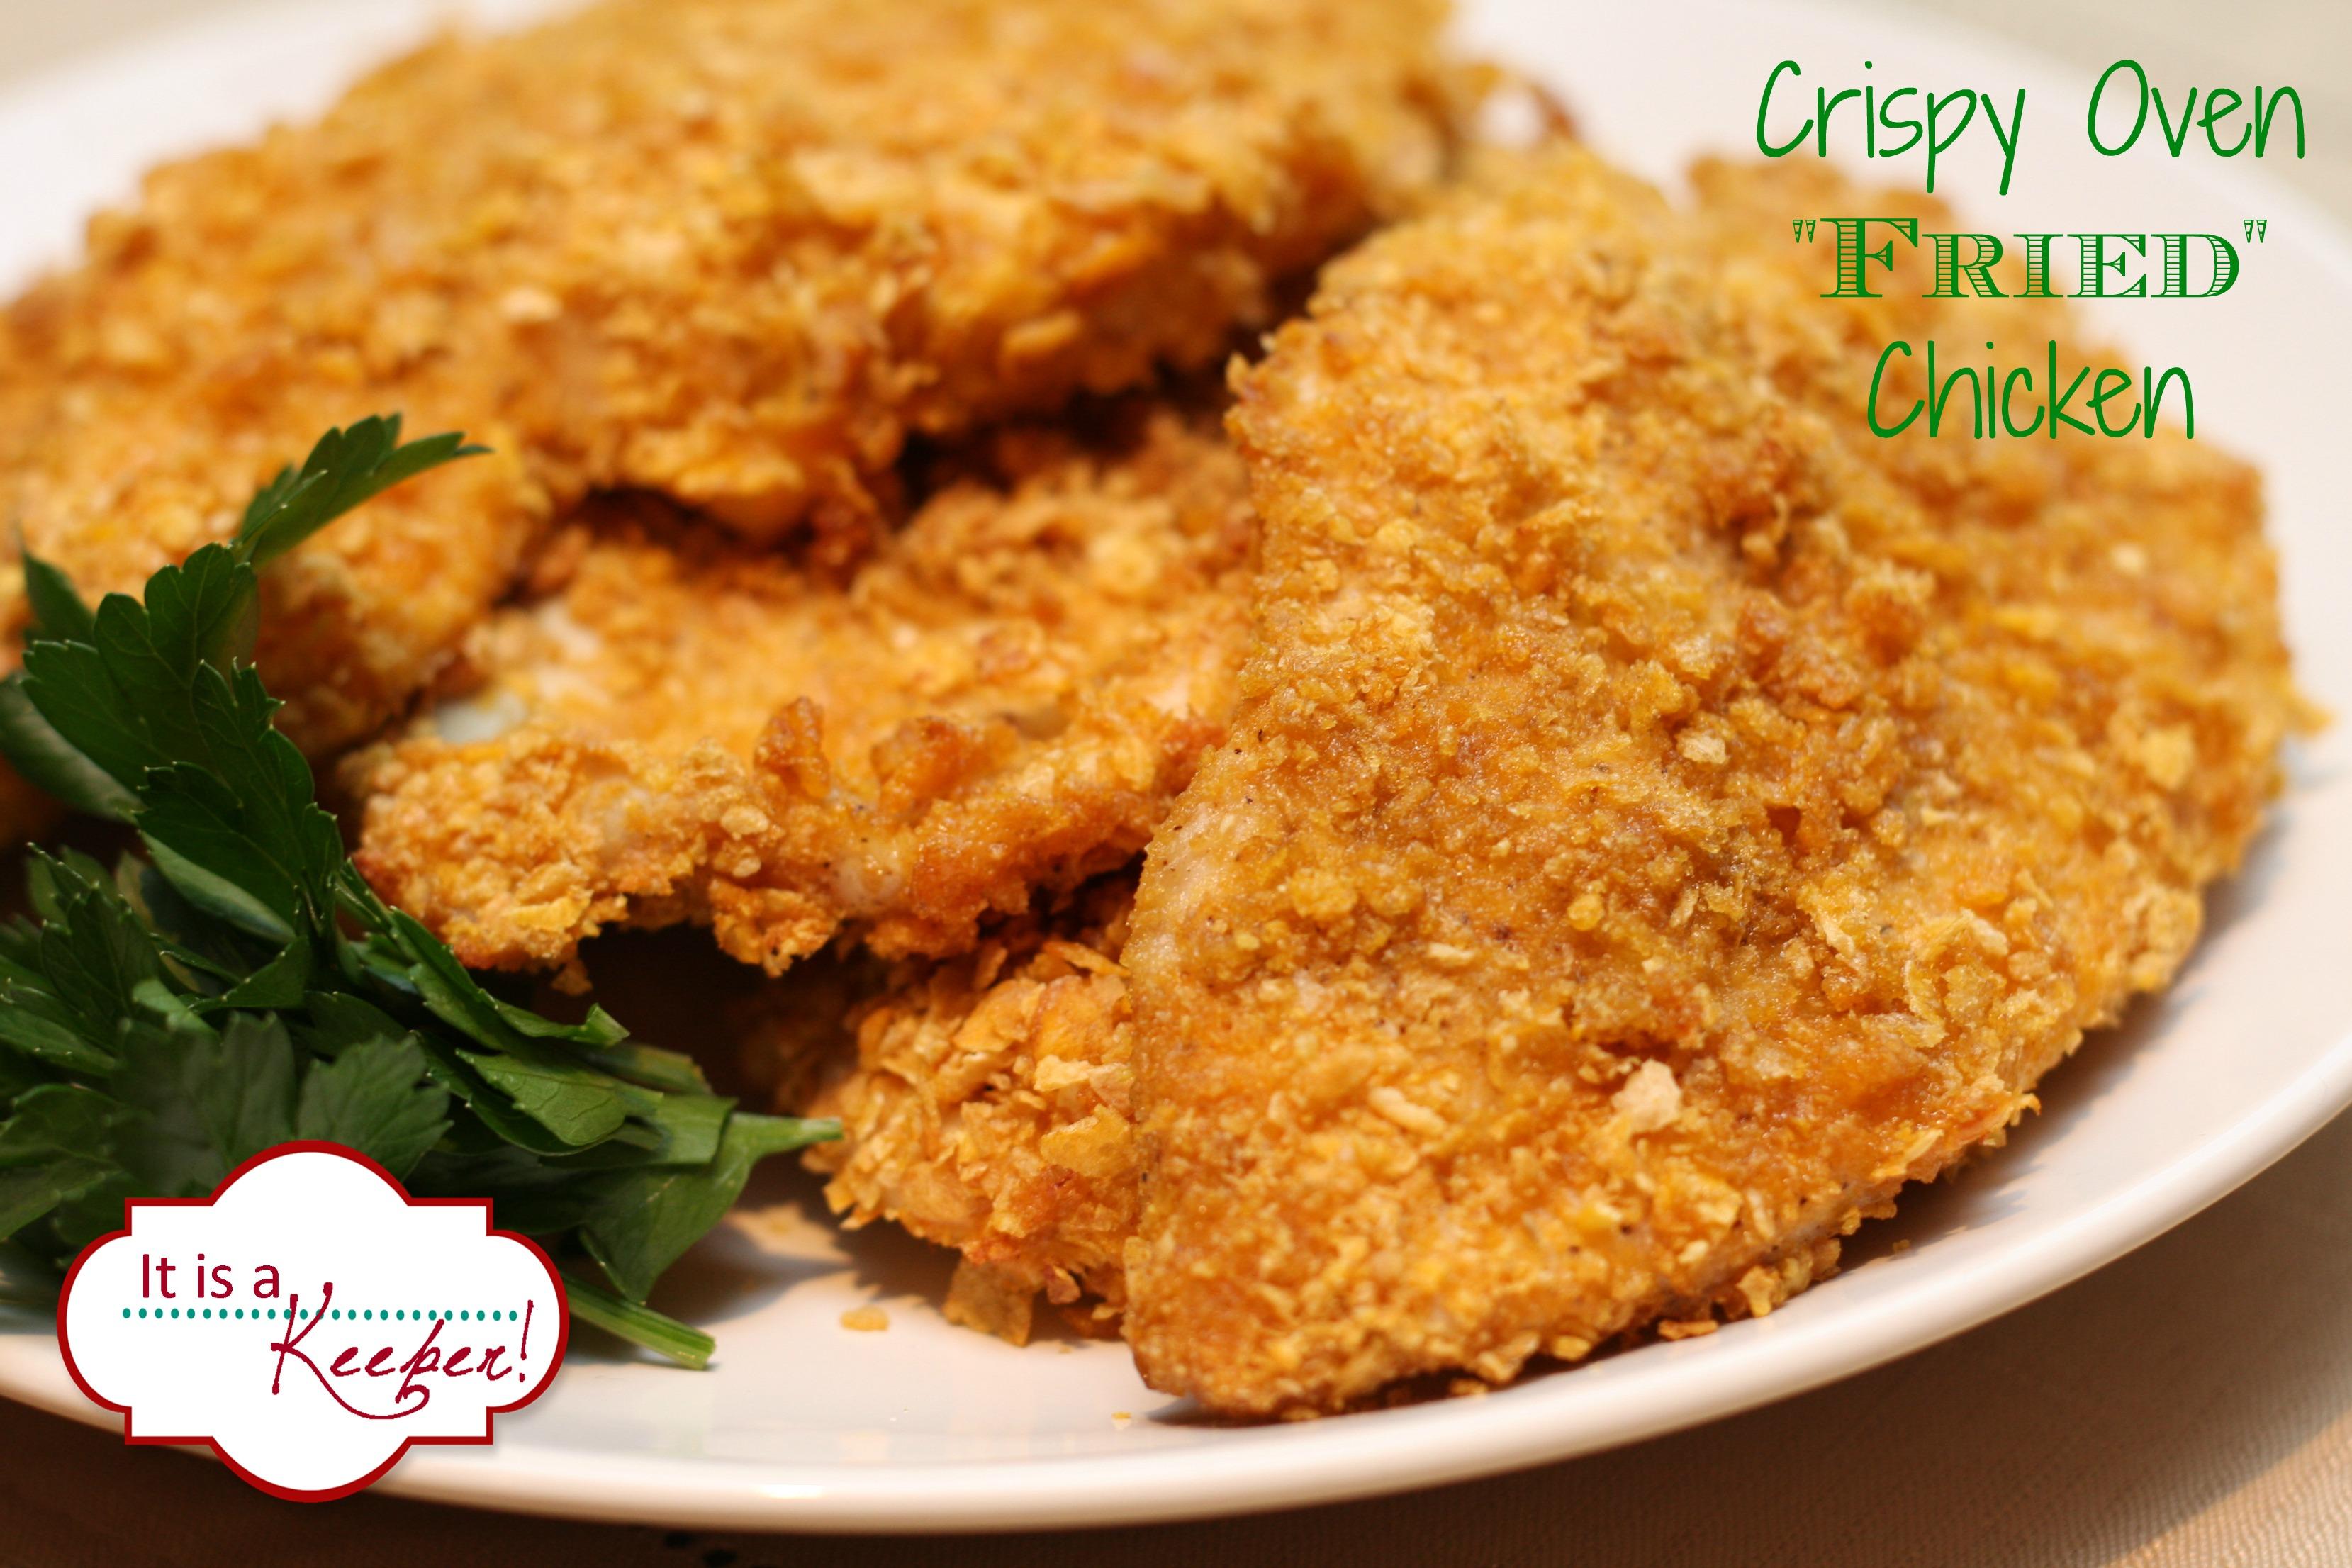 Crispy Oven Fried Chicken | It Is a Keeper